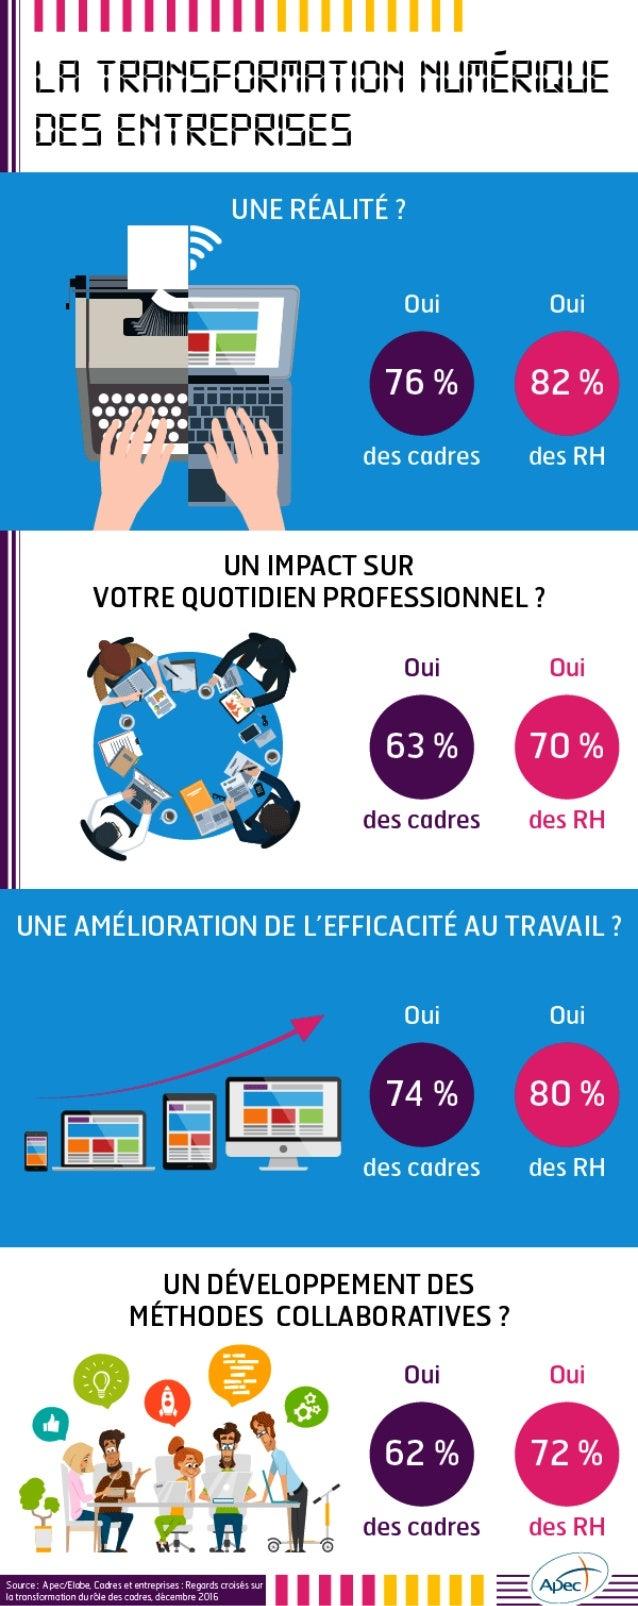 Infographie Apec - La transformation numérique des entreprises